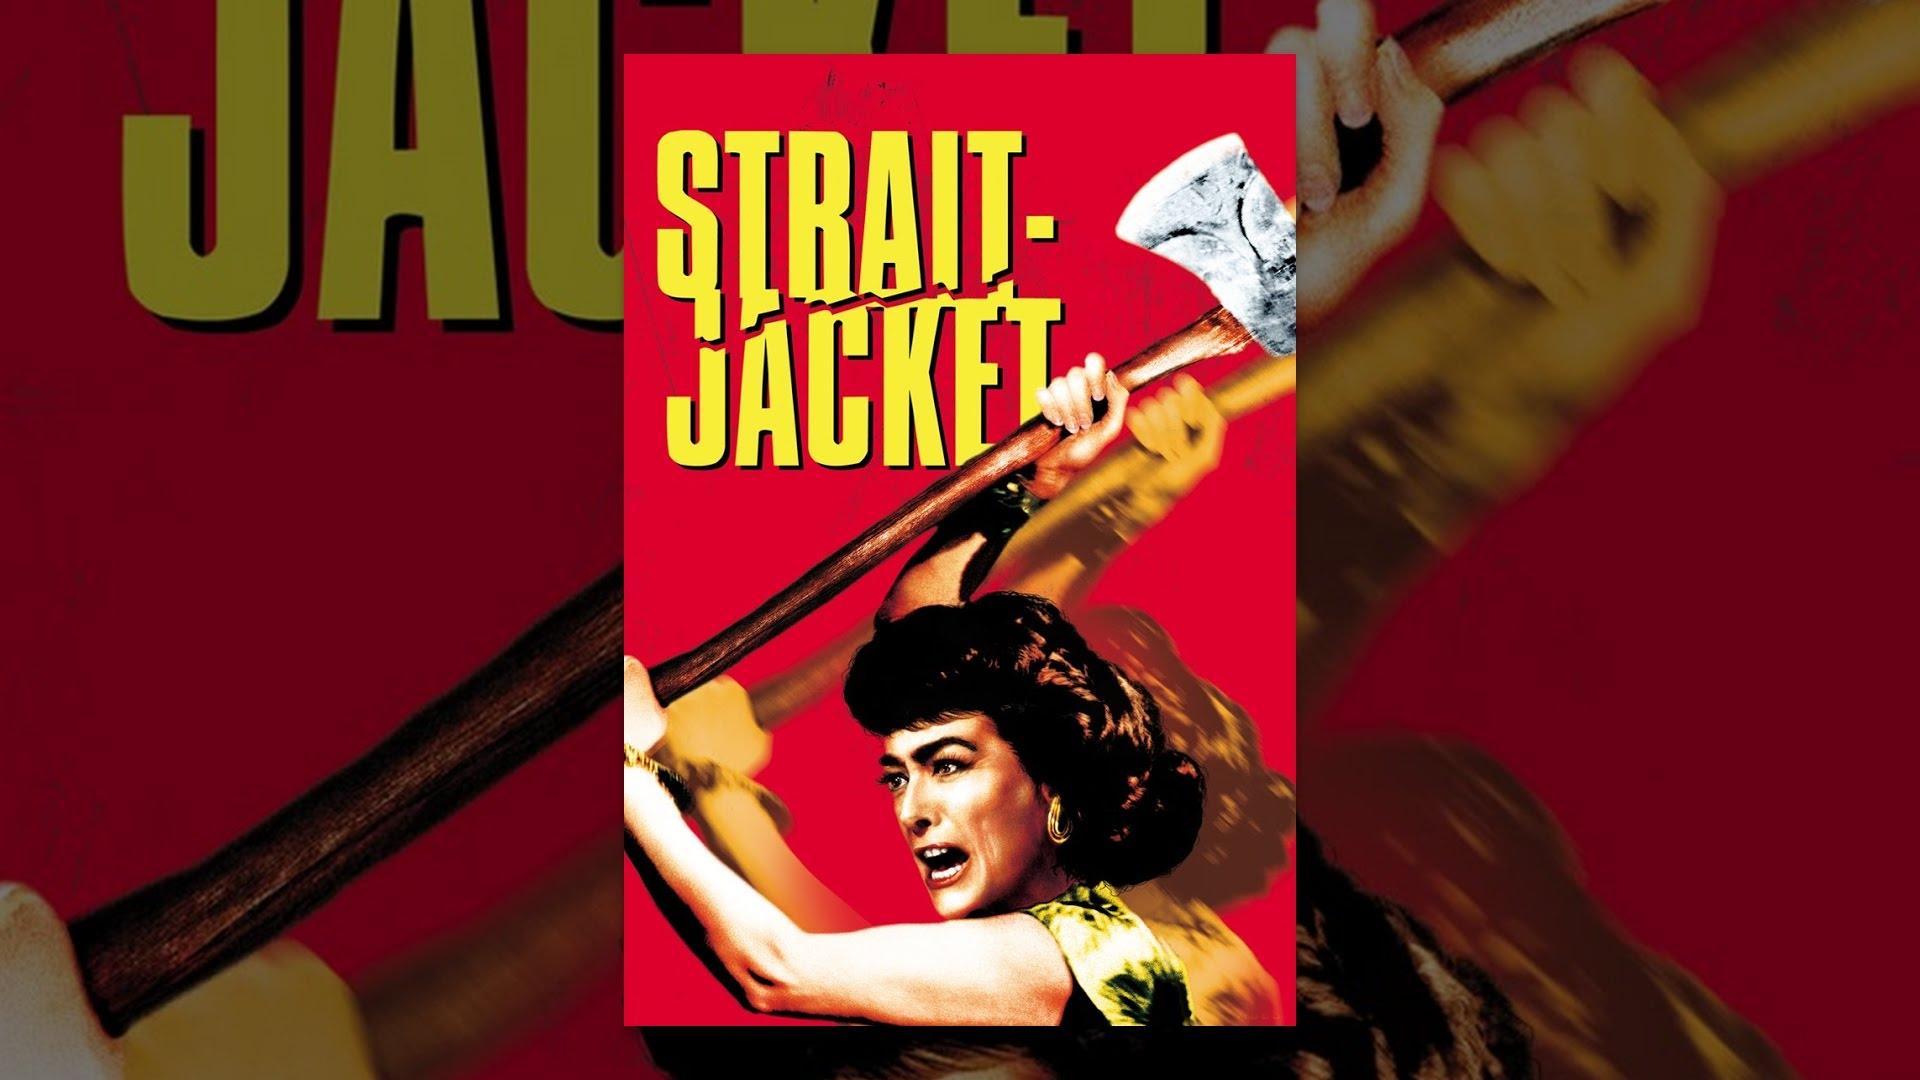 Strait-Jacket - YouTube